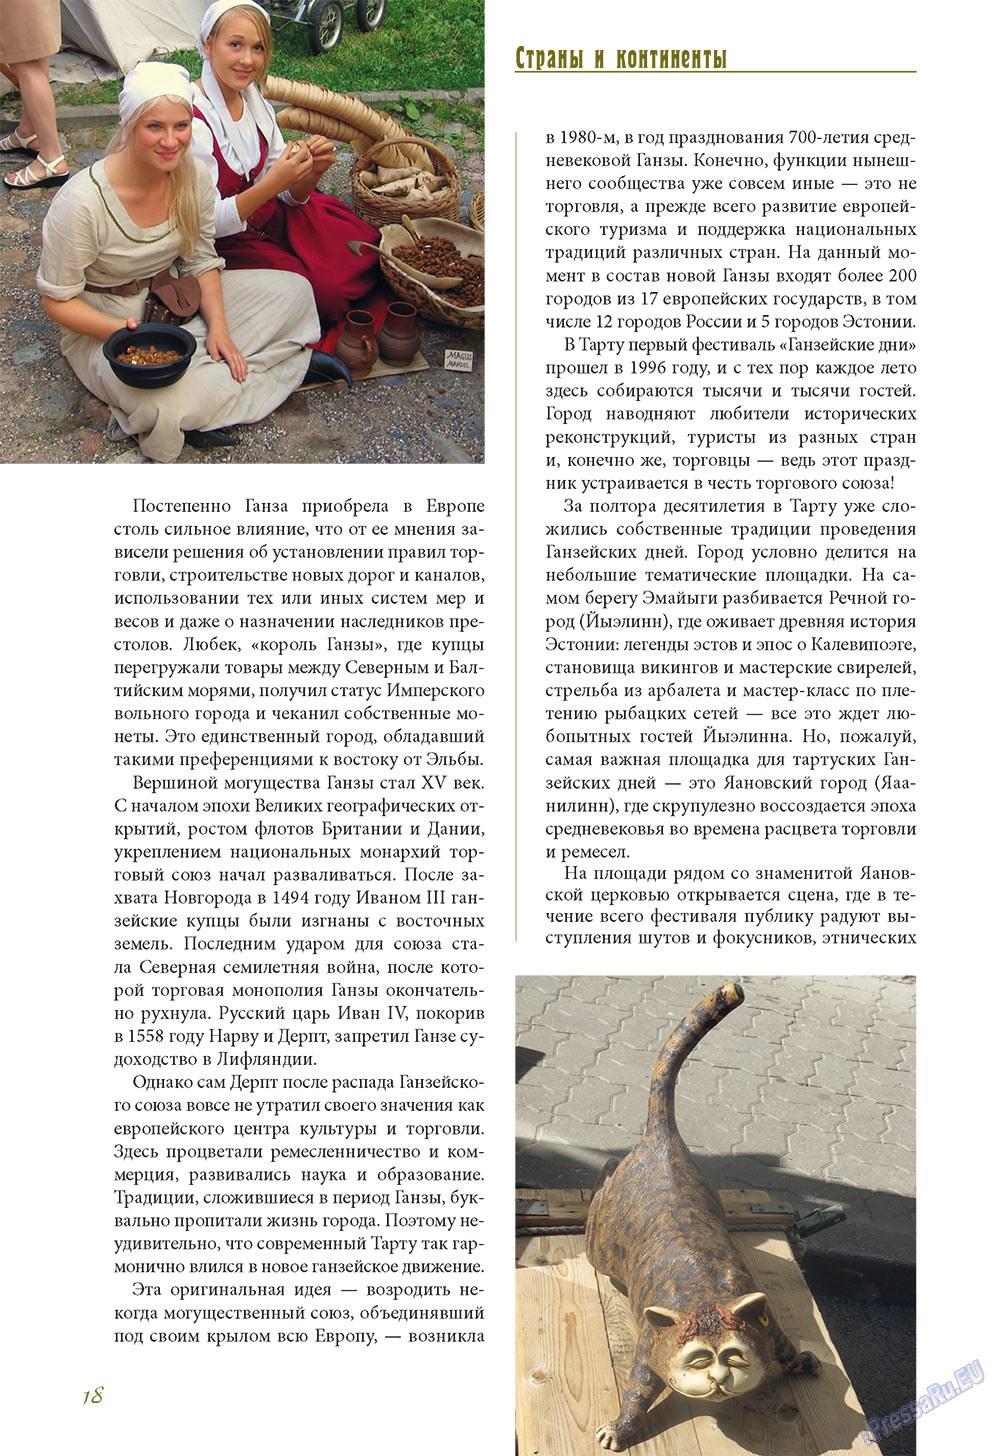 Le Voyageur (журнал). 2010 год, номер 13, стр. 20